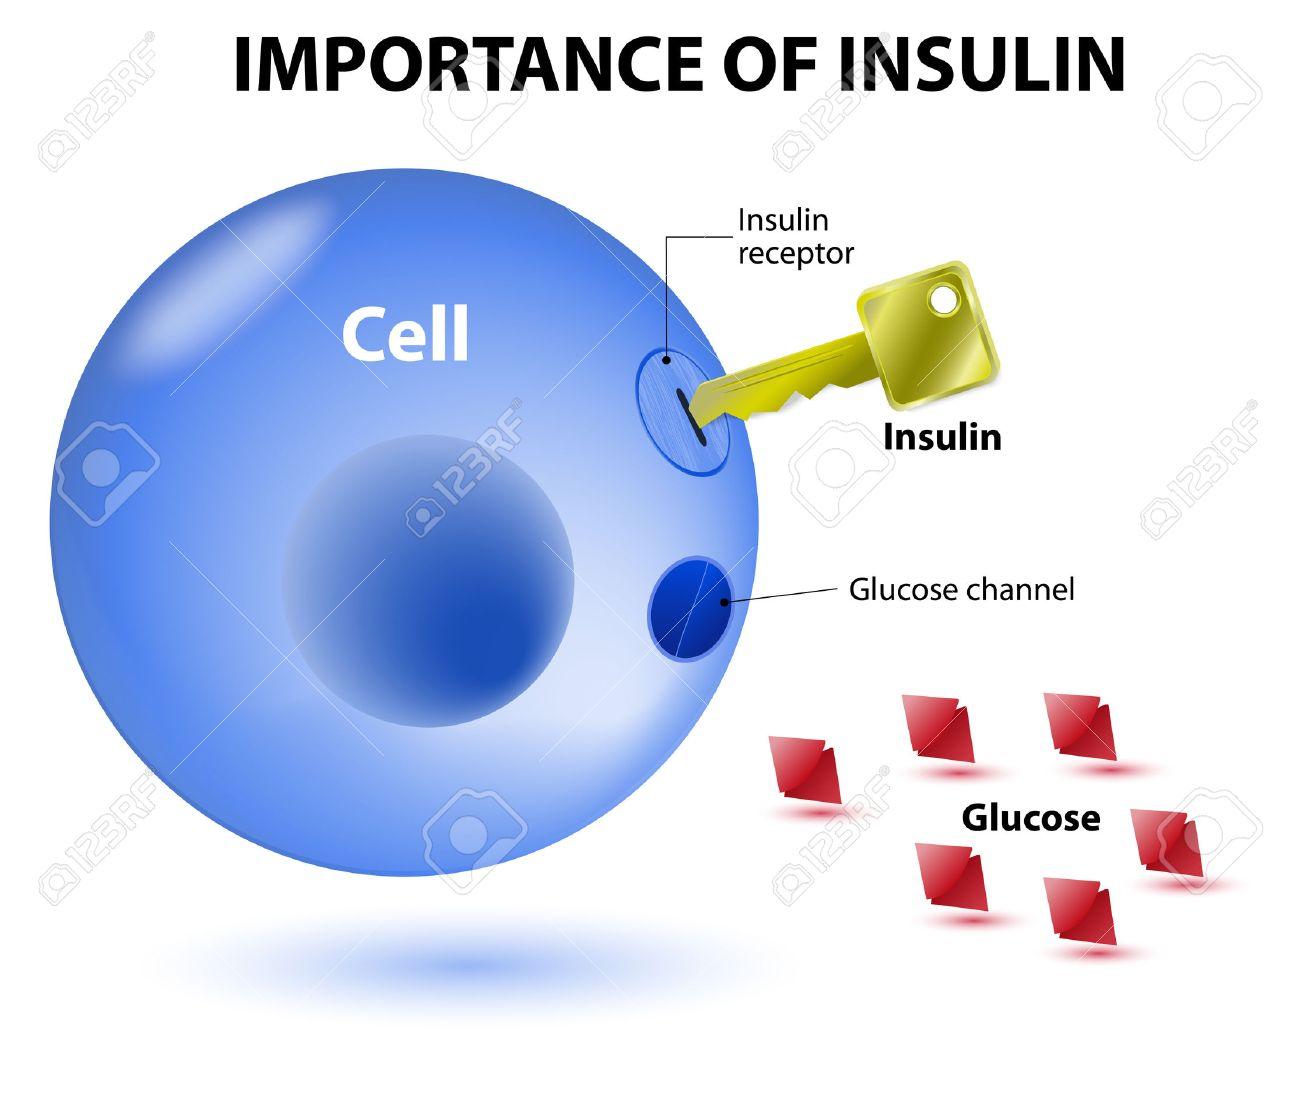 Insulin Dient Als Schlüssel, Die Die Zelle Entriegelt, Damit Glukose ...